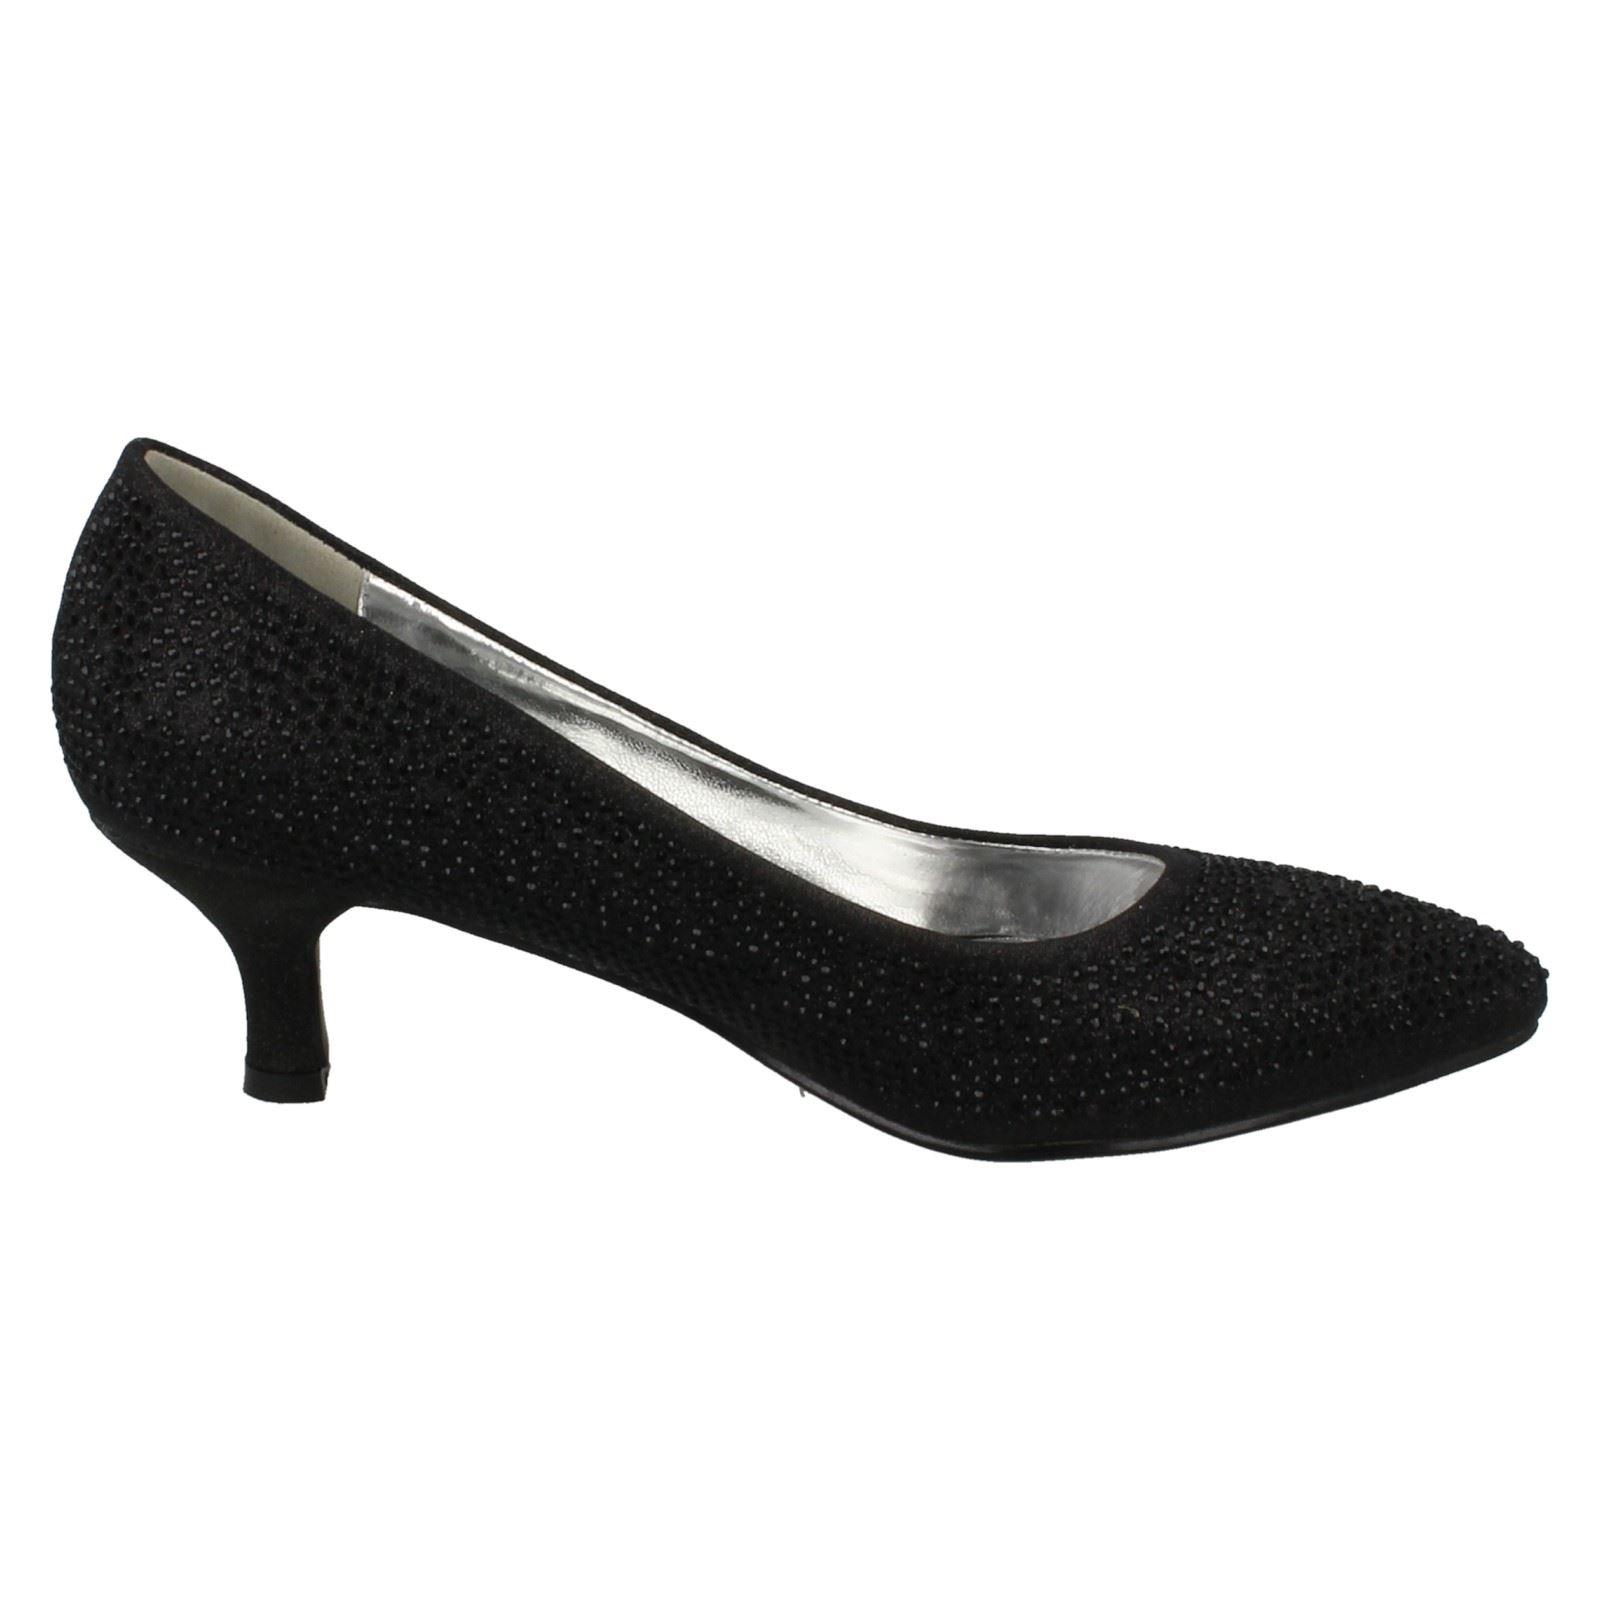 Ladies-Anne-Michelle-Diamante-Low-Heel-Court-Shoes thumbnail 9